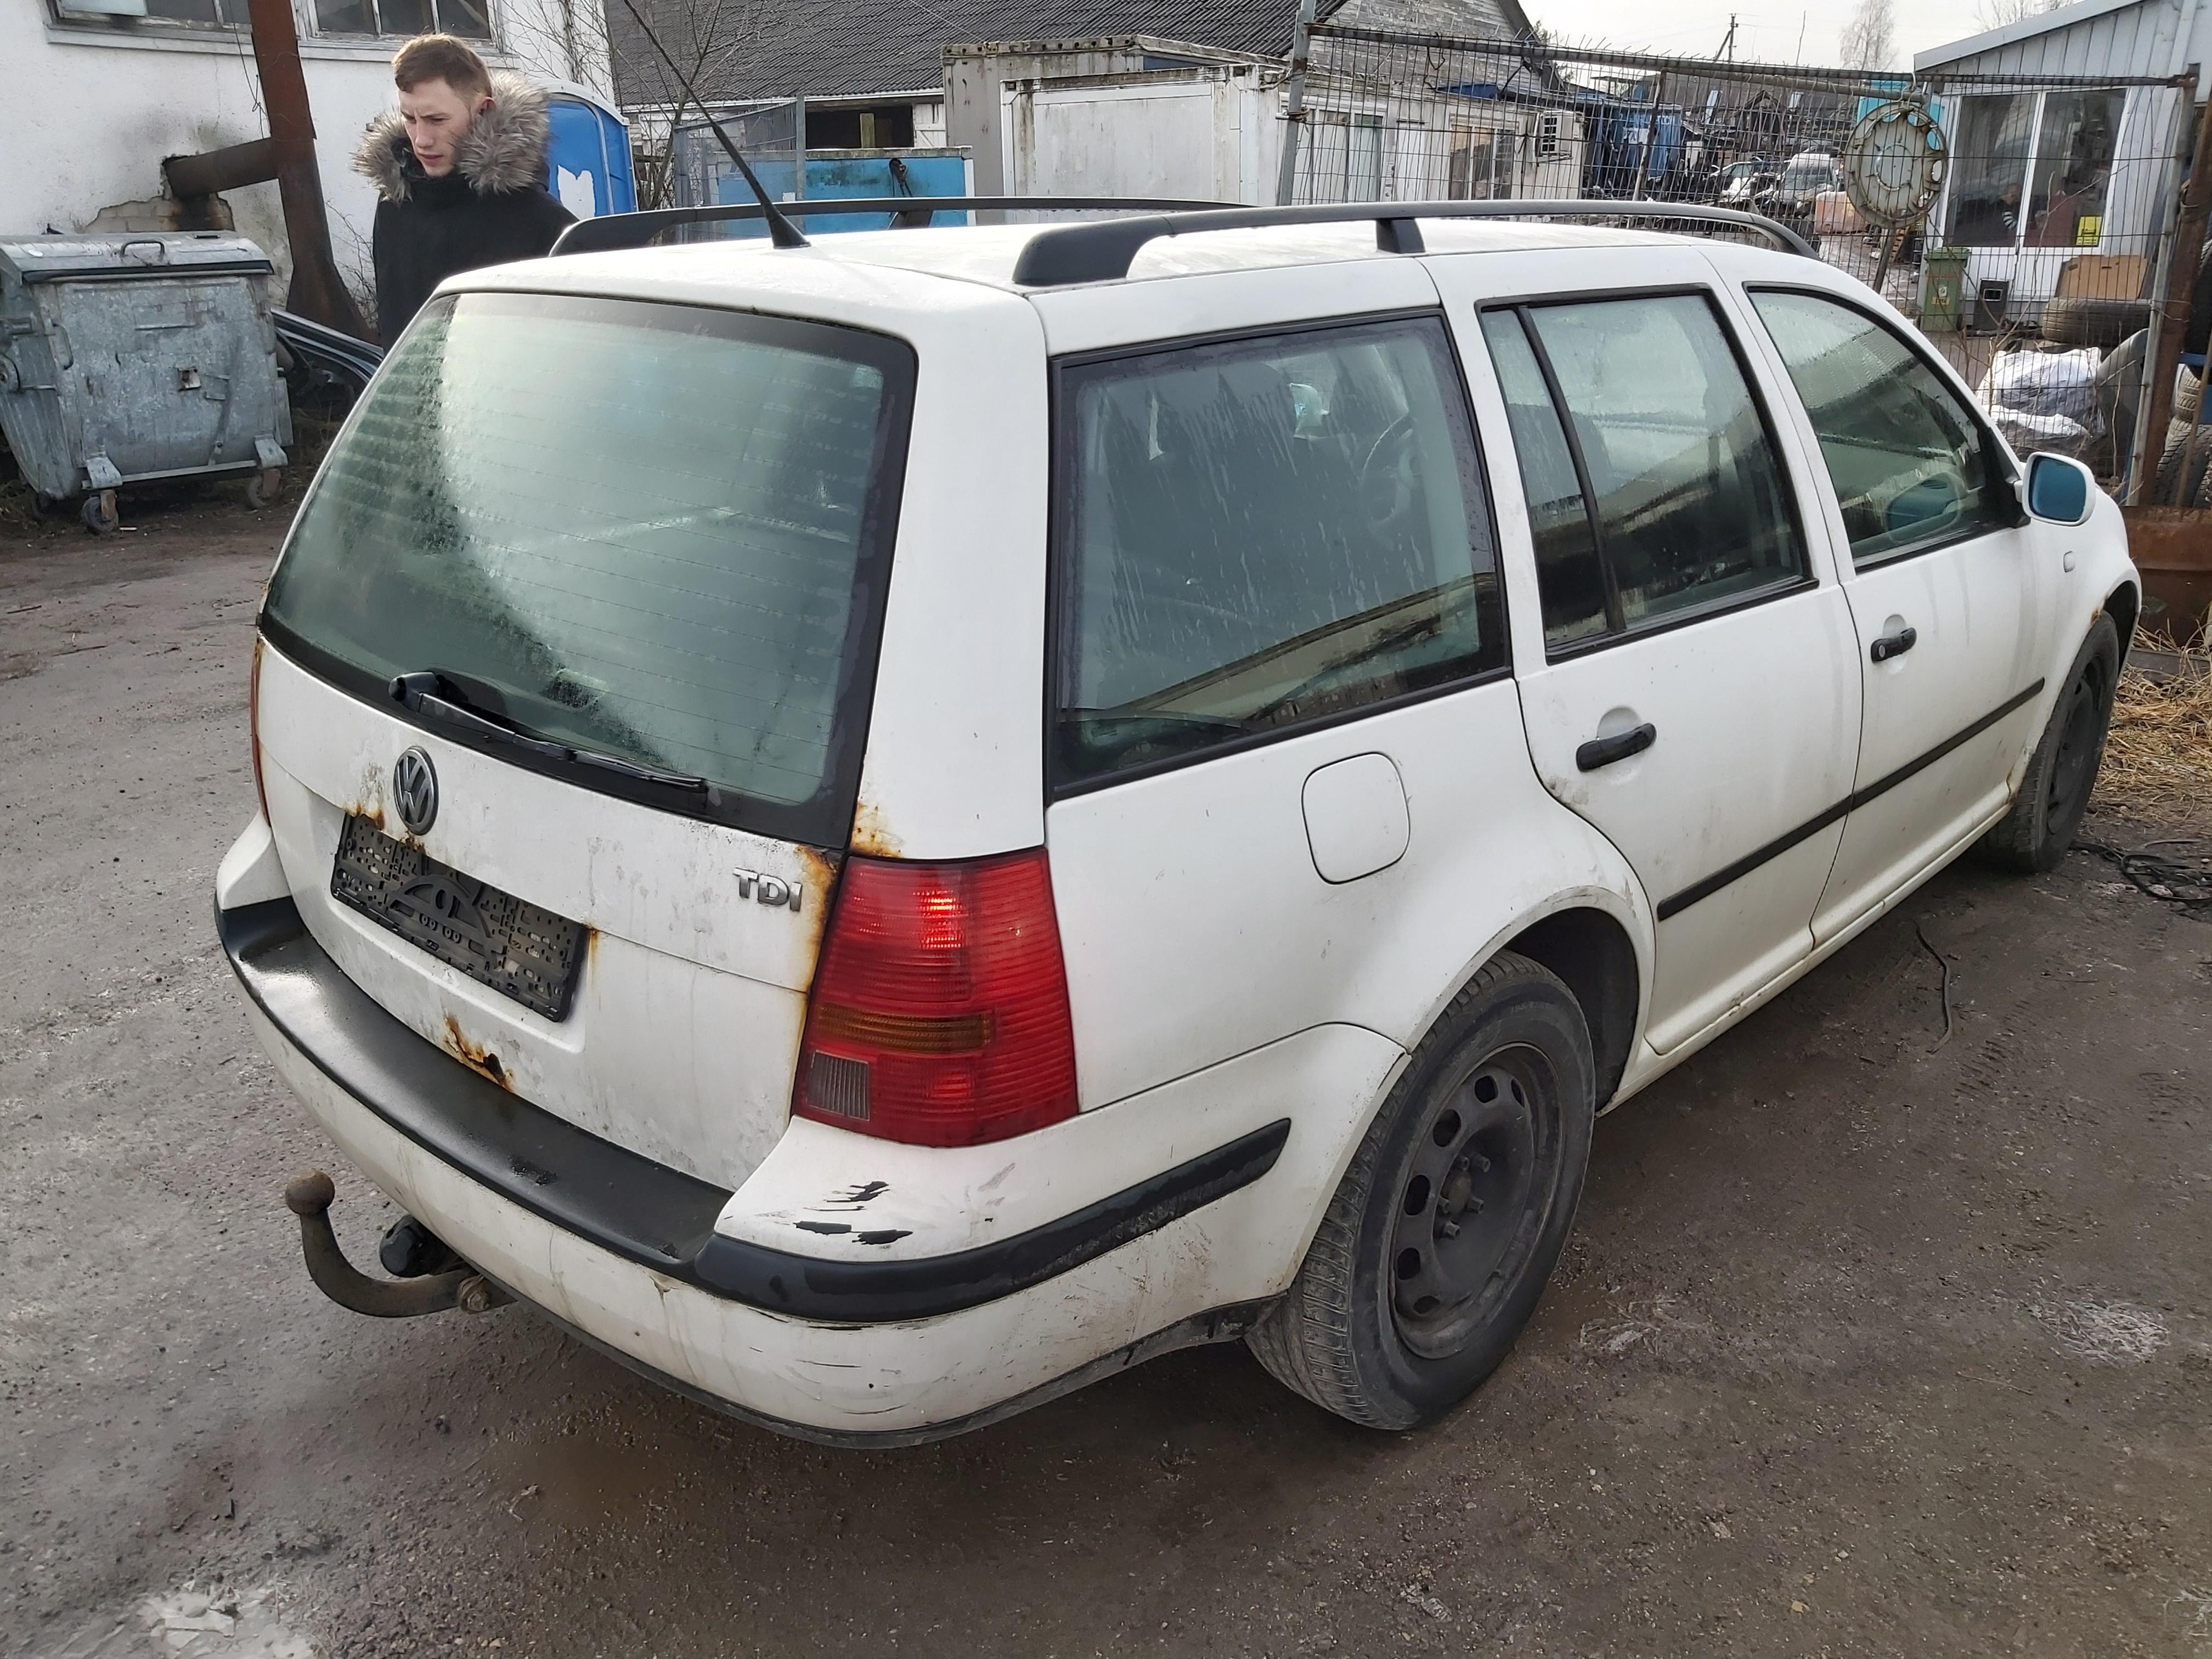 Подержанные Автозапчасти Foto 8 Volkswagen GOLF 2000 1.9 машиностроение универсал 4/5 d. белый 2020-2-14 A5072